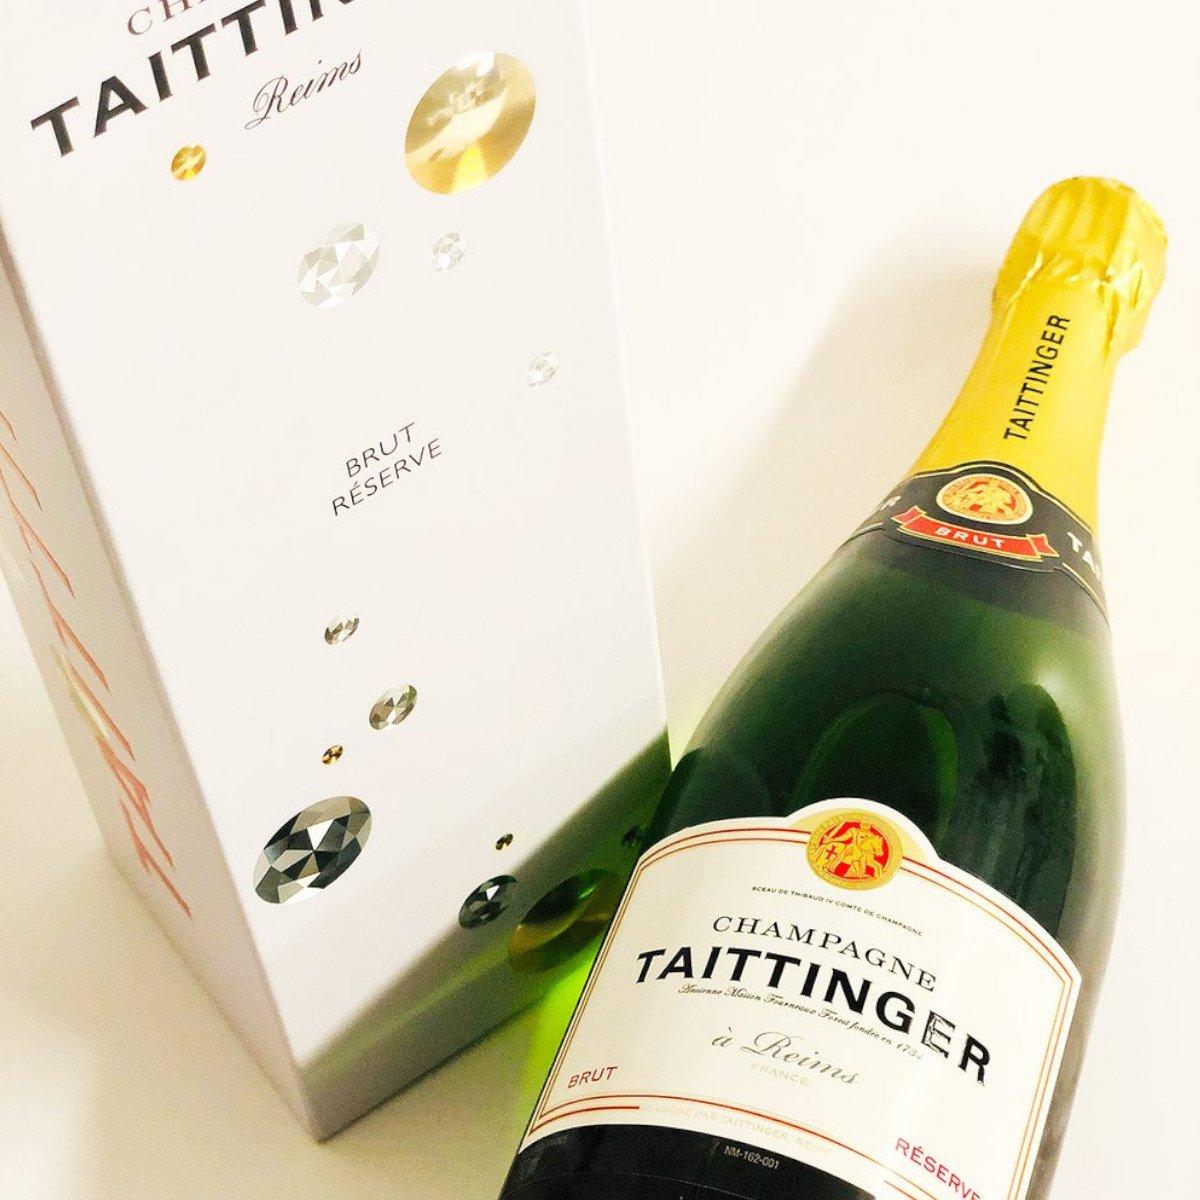 Marca de champagne de luxo investe no futebol